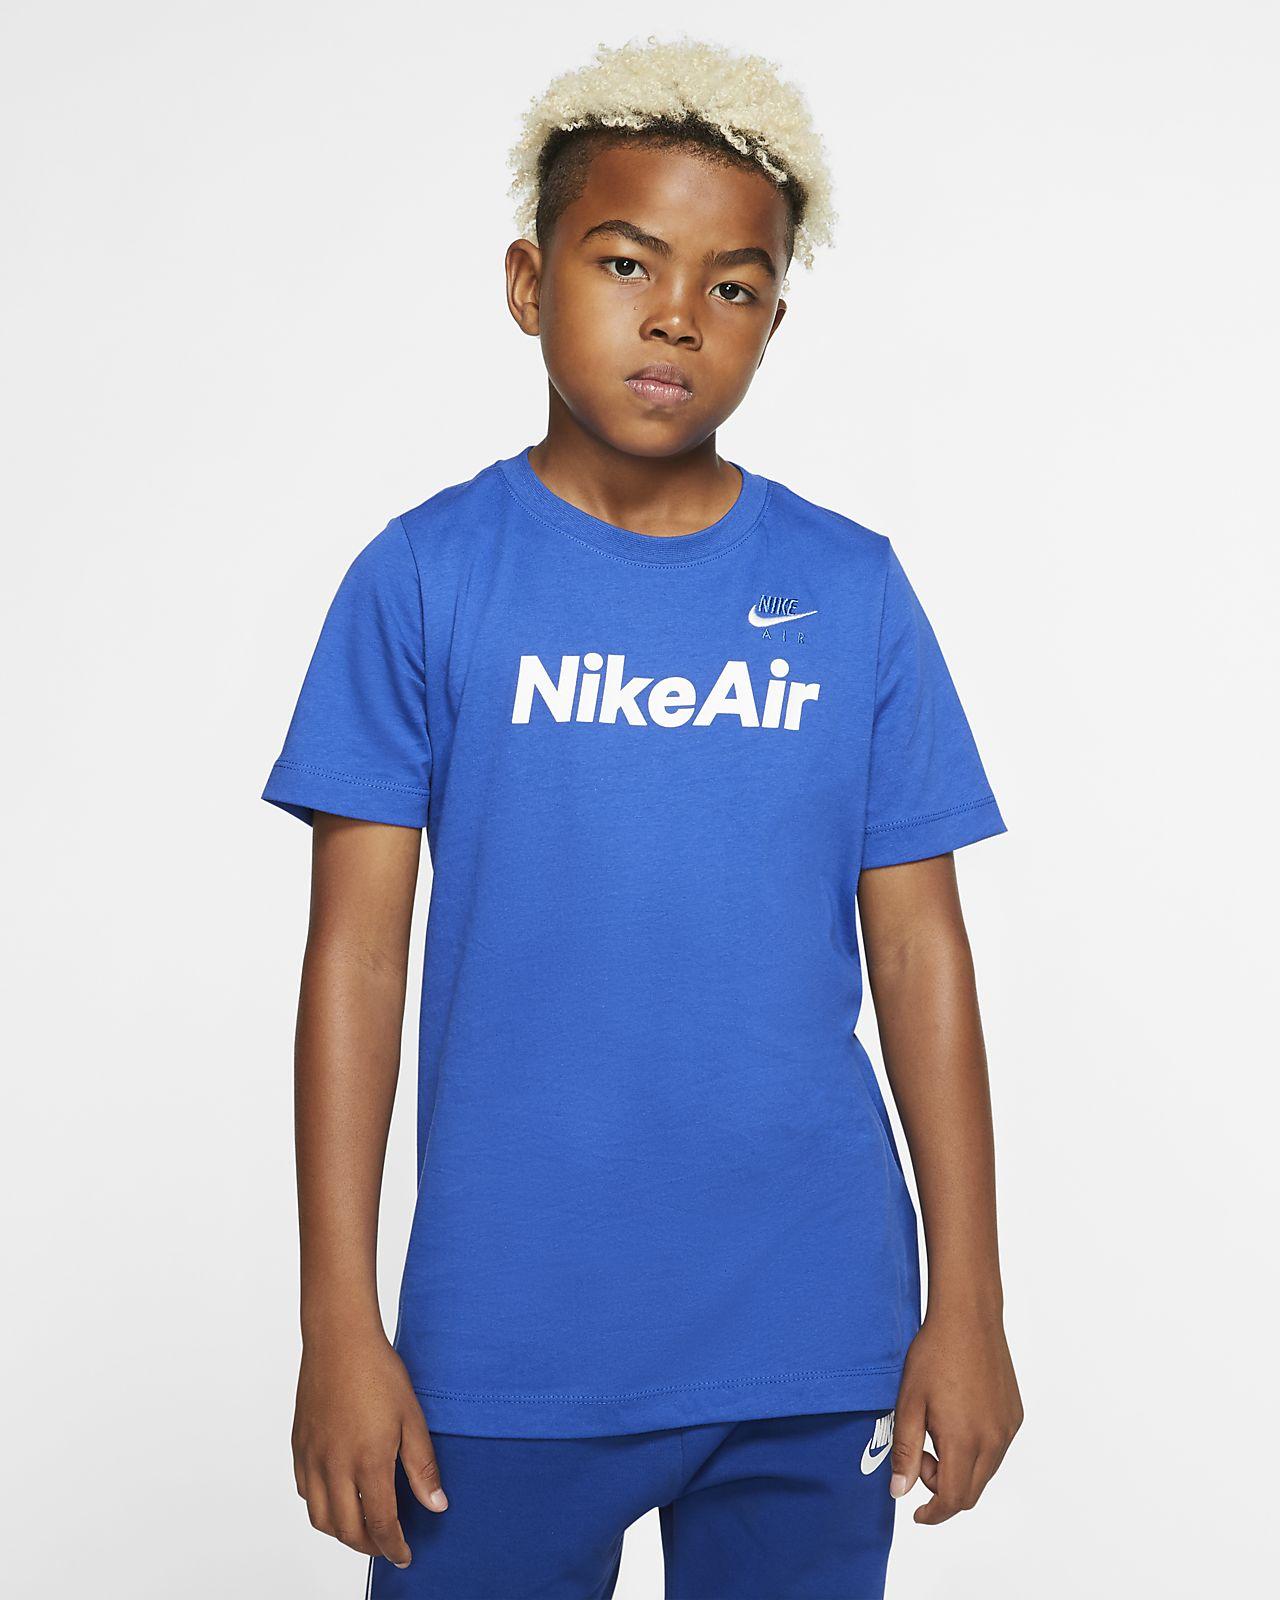 Nike Air Older Kids' (Boys') T-Shirt